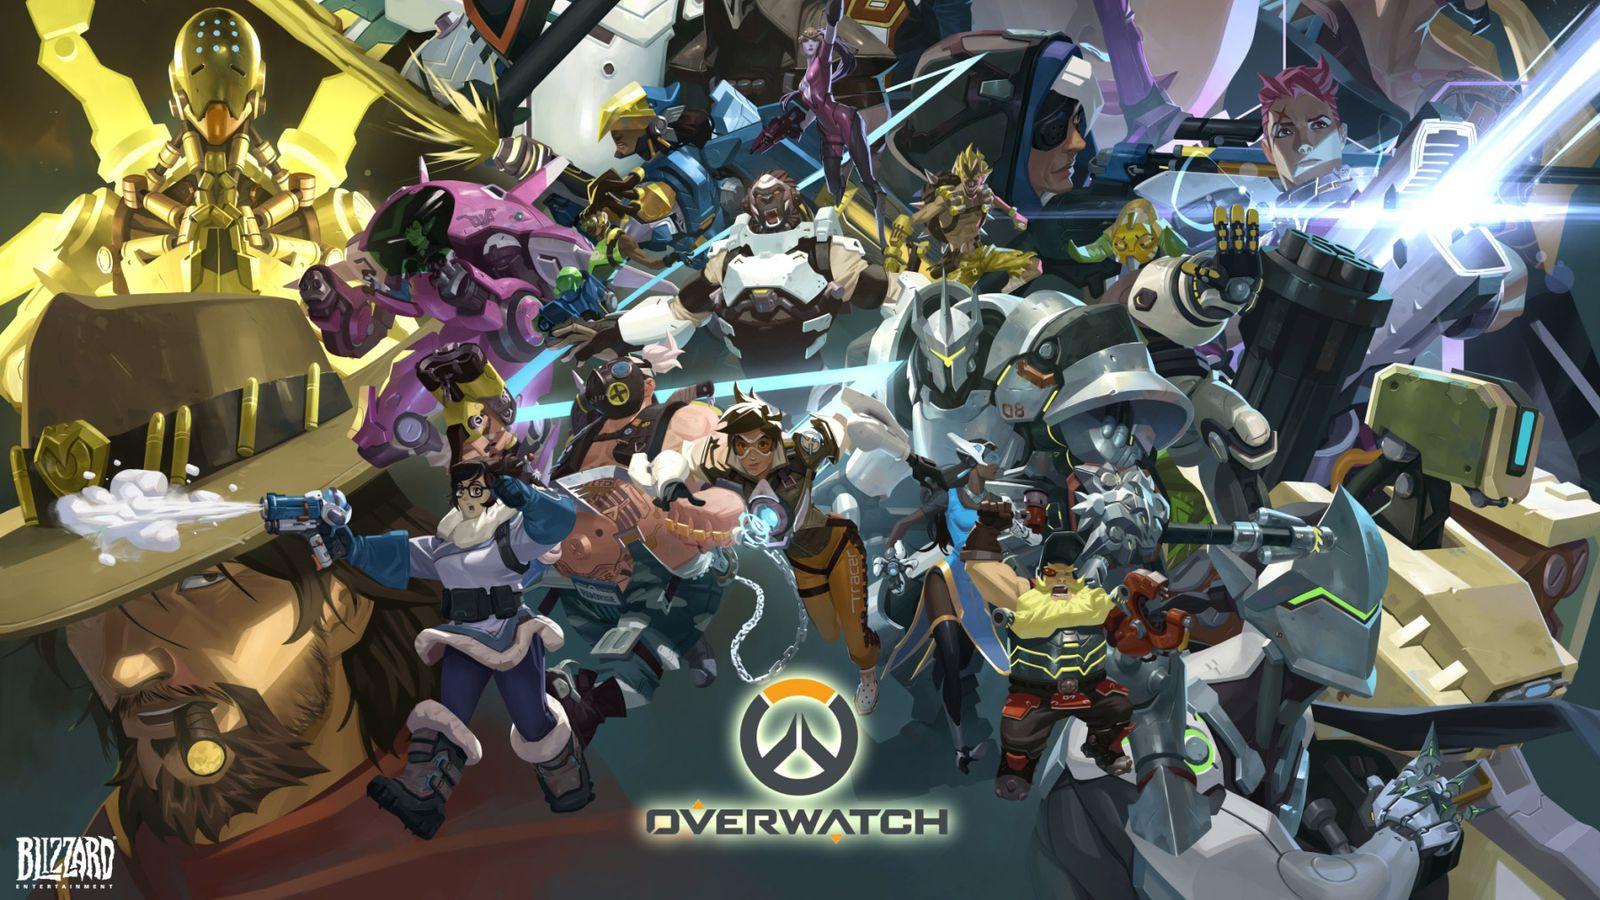 Blizzard даст возможность  поиграть вOverwatch бесплатно